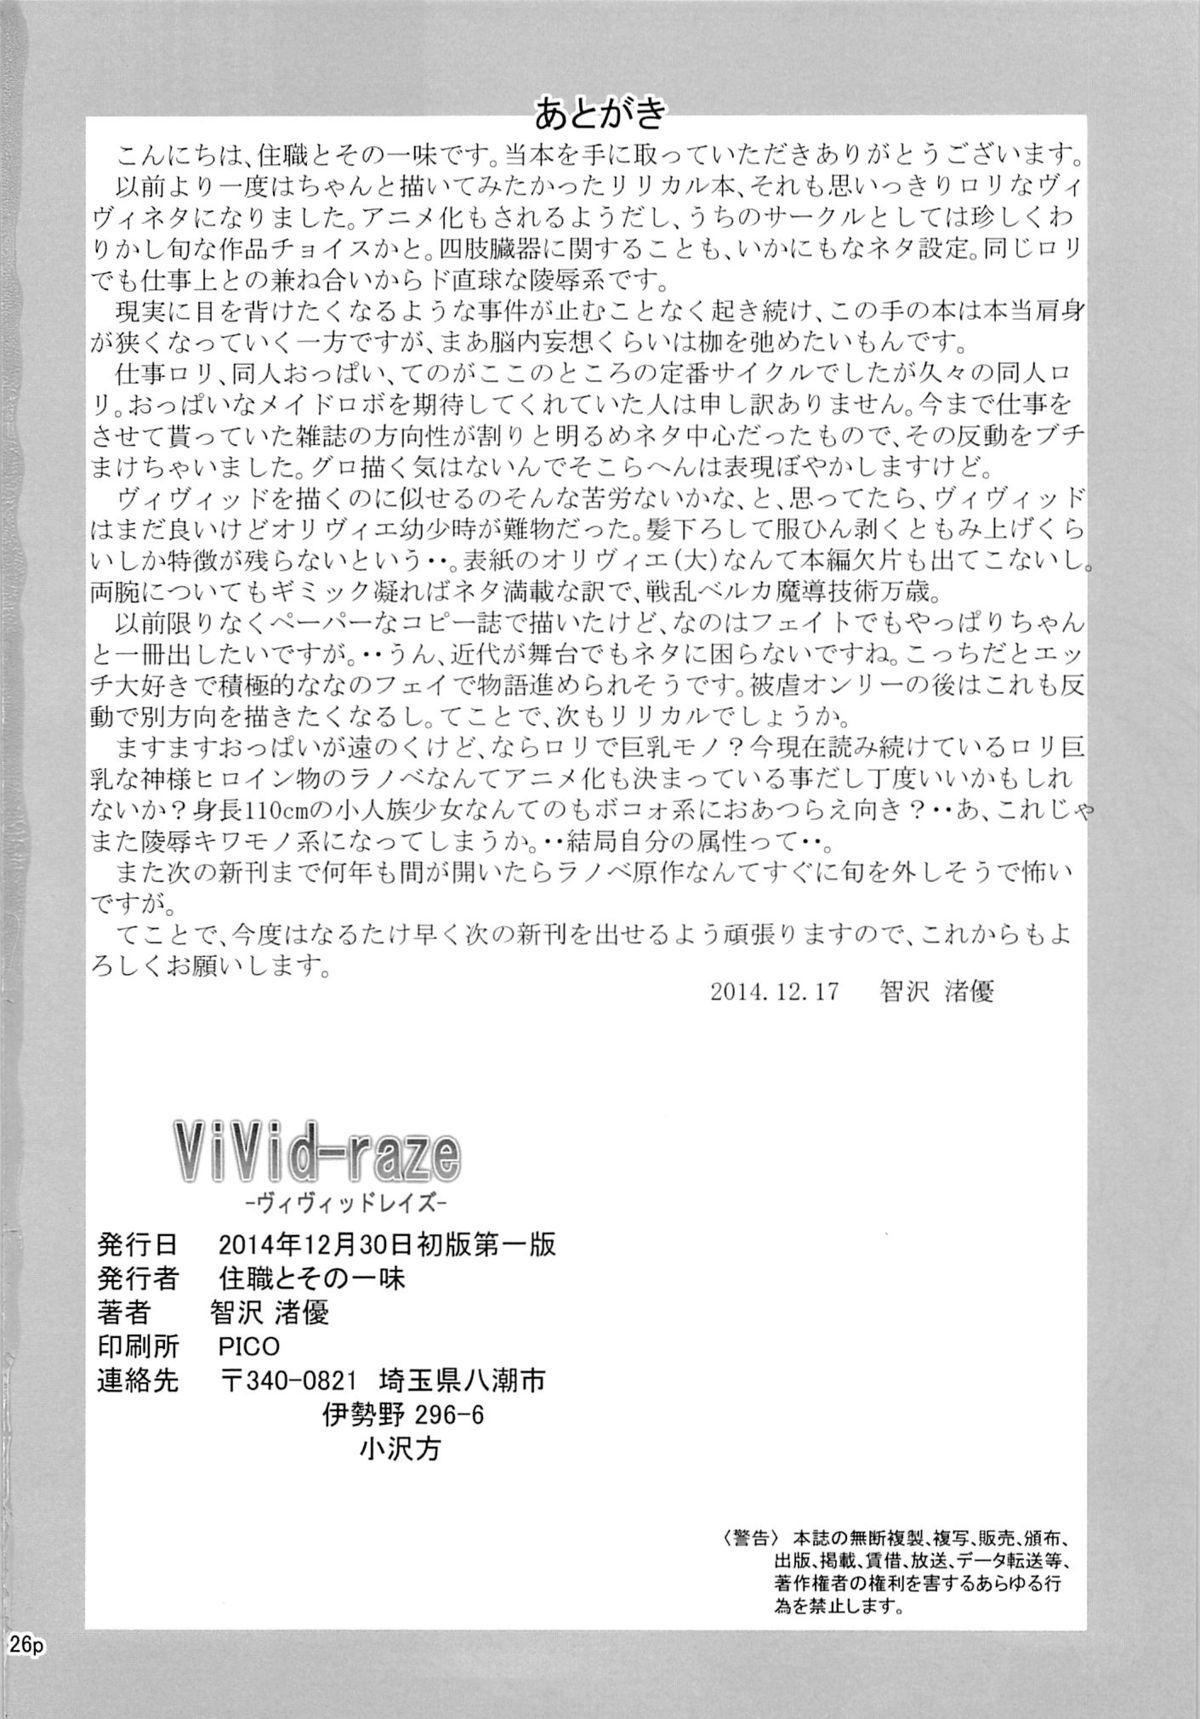 ViVid-raze 24